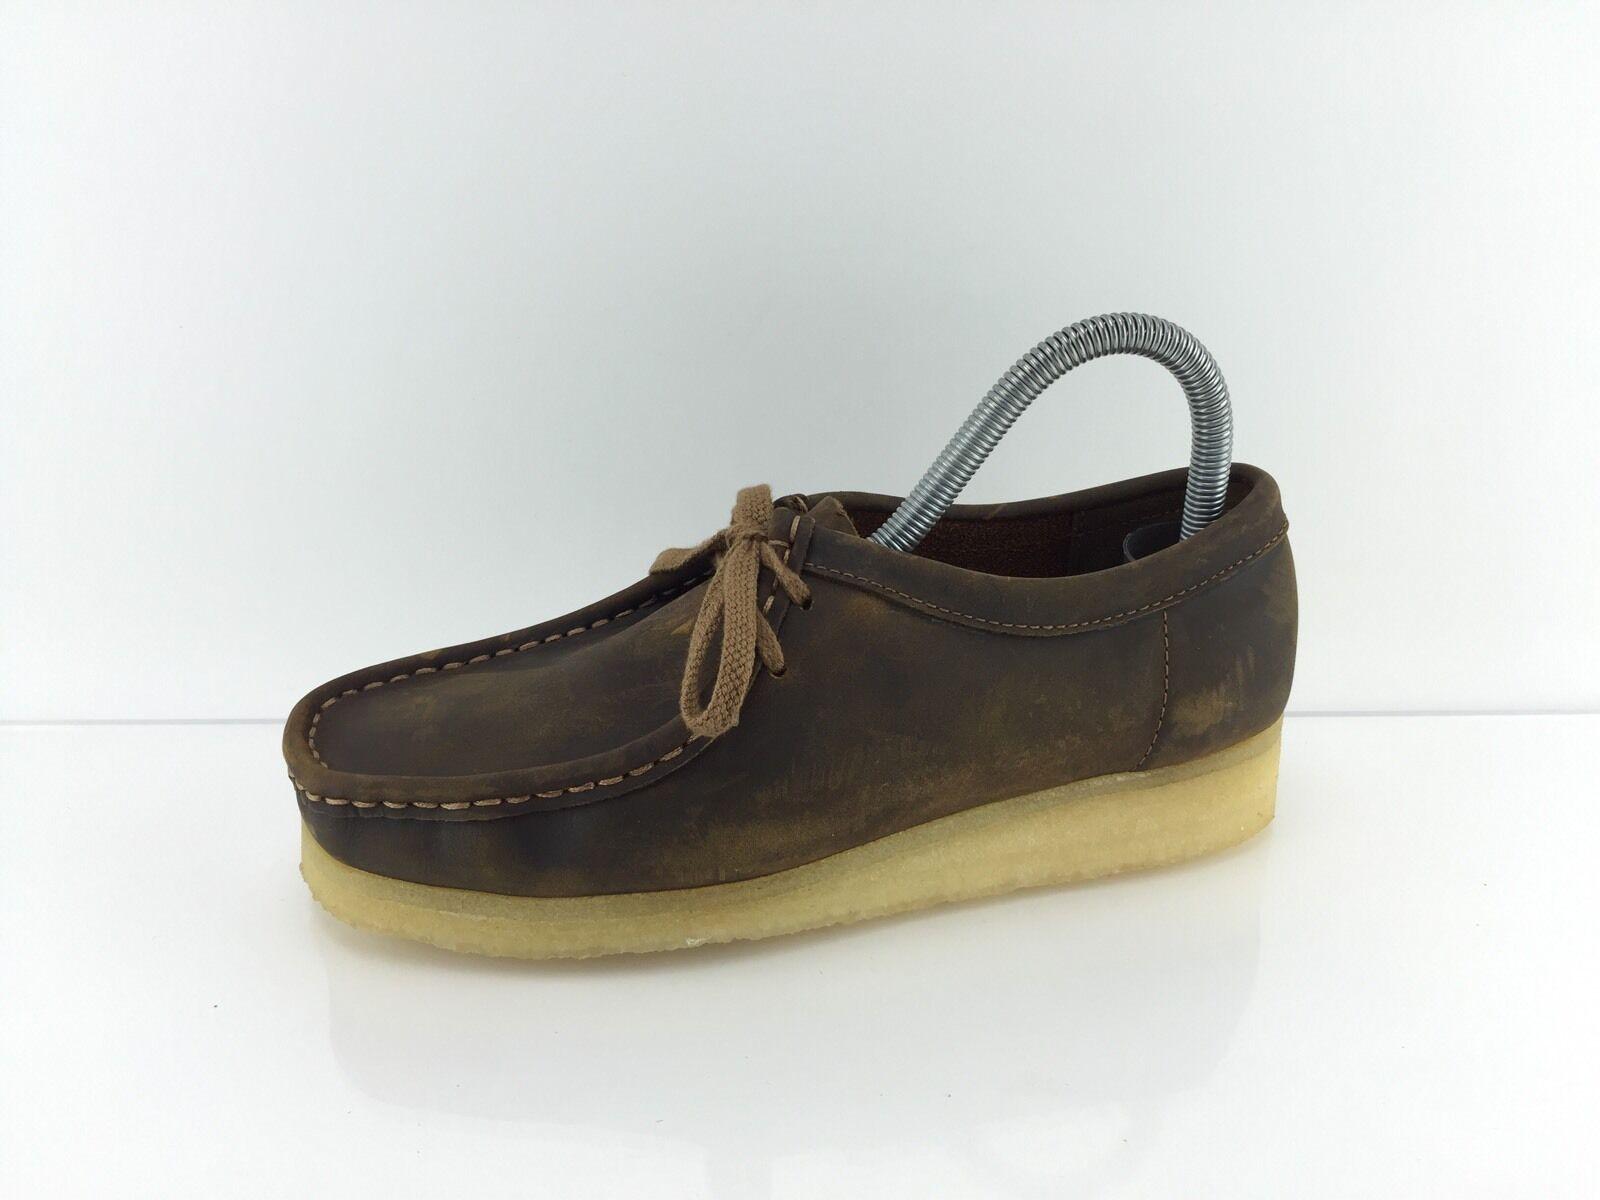 Zapatos De Cuero Clarks Originals Para Mujer Marrón Marrón Marrón 7.5 M  ofreciendo 100%